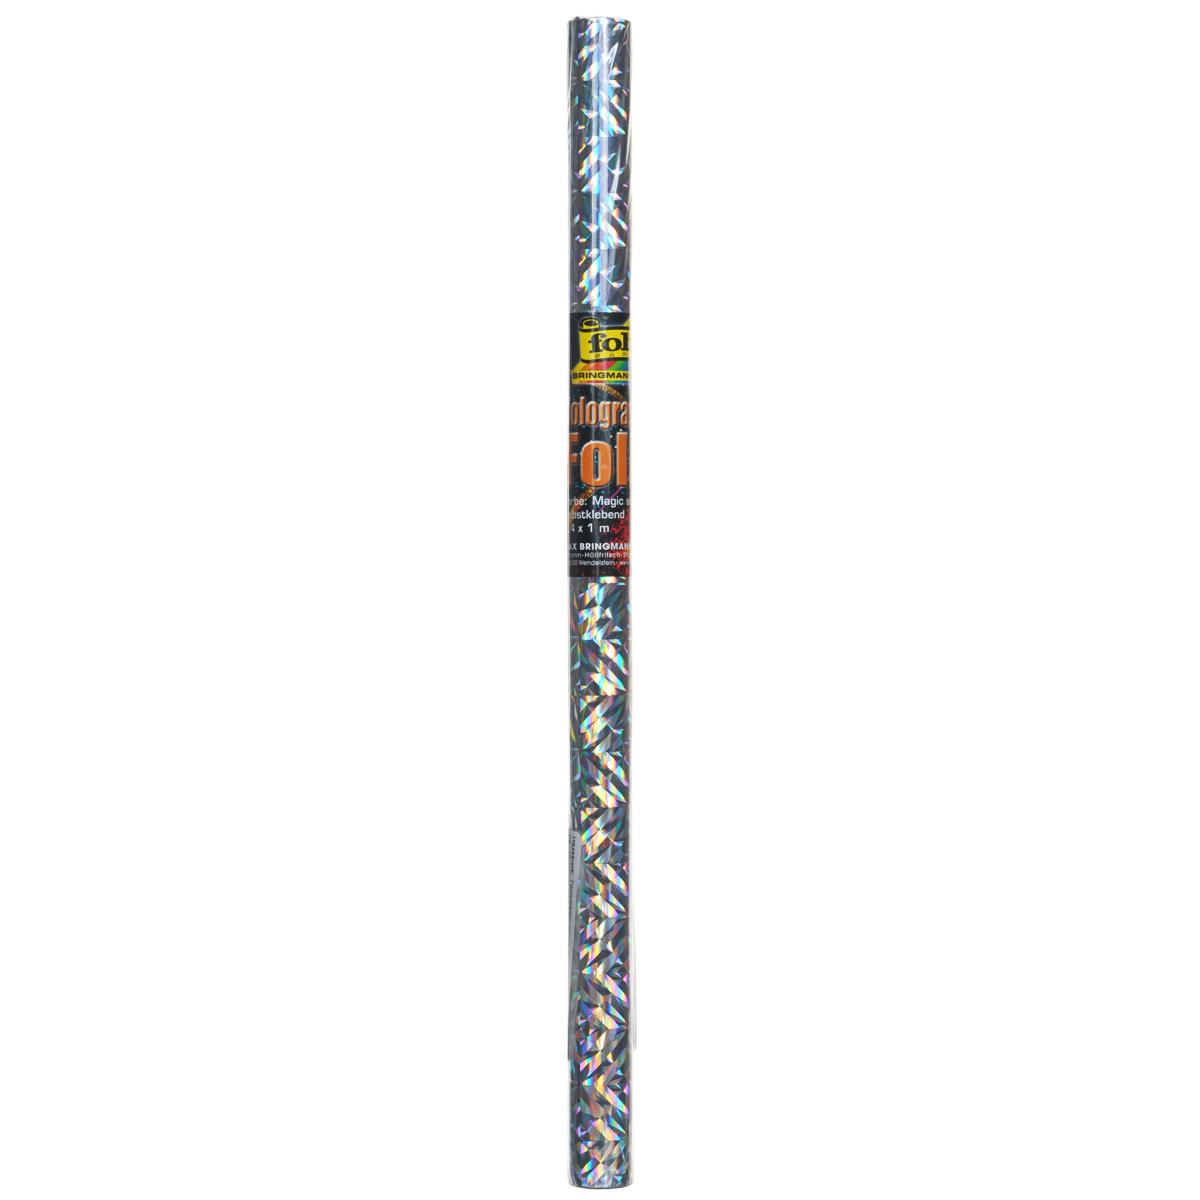 Голографическая бумага Folia Магия, самоклеящаяся, цвет: серебристый, 40 x 100 см7708000Голографическая самоклеящаяся бумага Folia Магия - переливающаяся бумага, которая используется для изготовления открыток, для скрапбукинга и других декоративных или дизайнерских работ. Благодаря клейкой основе изделие также можно использовать для декорирования мебели и прочего.Бумага не пачкает руки и отлично крепится. Конструирование из такой бумаги - необходимый для развития детей процесс. Во время занятия аппликацией ребенок сумеет разработать четкость движений, ловкость пальцев, аккуратность и внимательность. Кроме того голографическая бумага позволит разнообразить идеи ребенка при создании творческих работ.Размер листа: 40 см х 100 см.